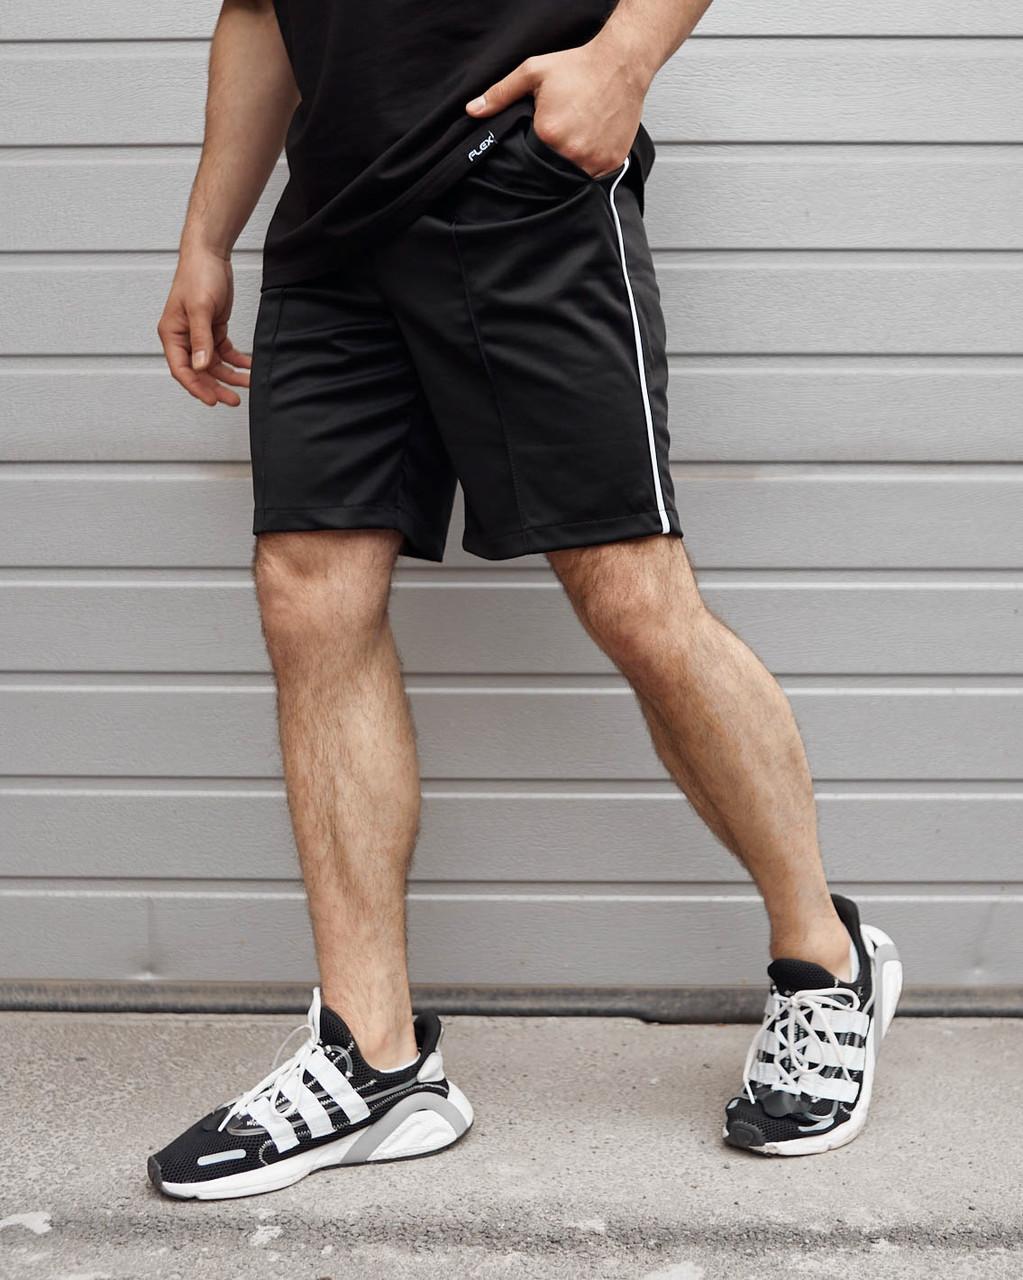 Стильні чоловічі шорти Сіджей від бренду ТУР